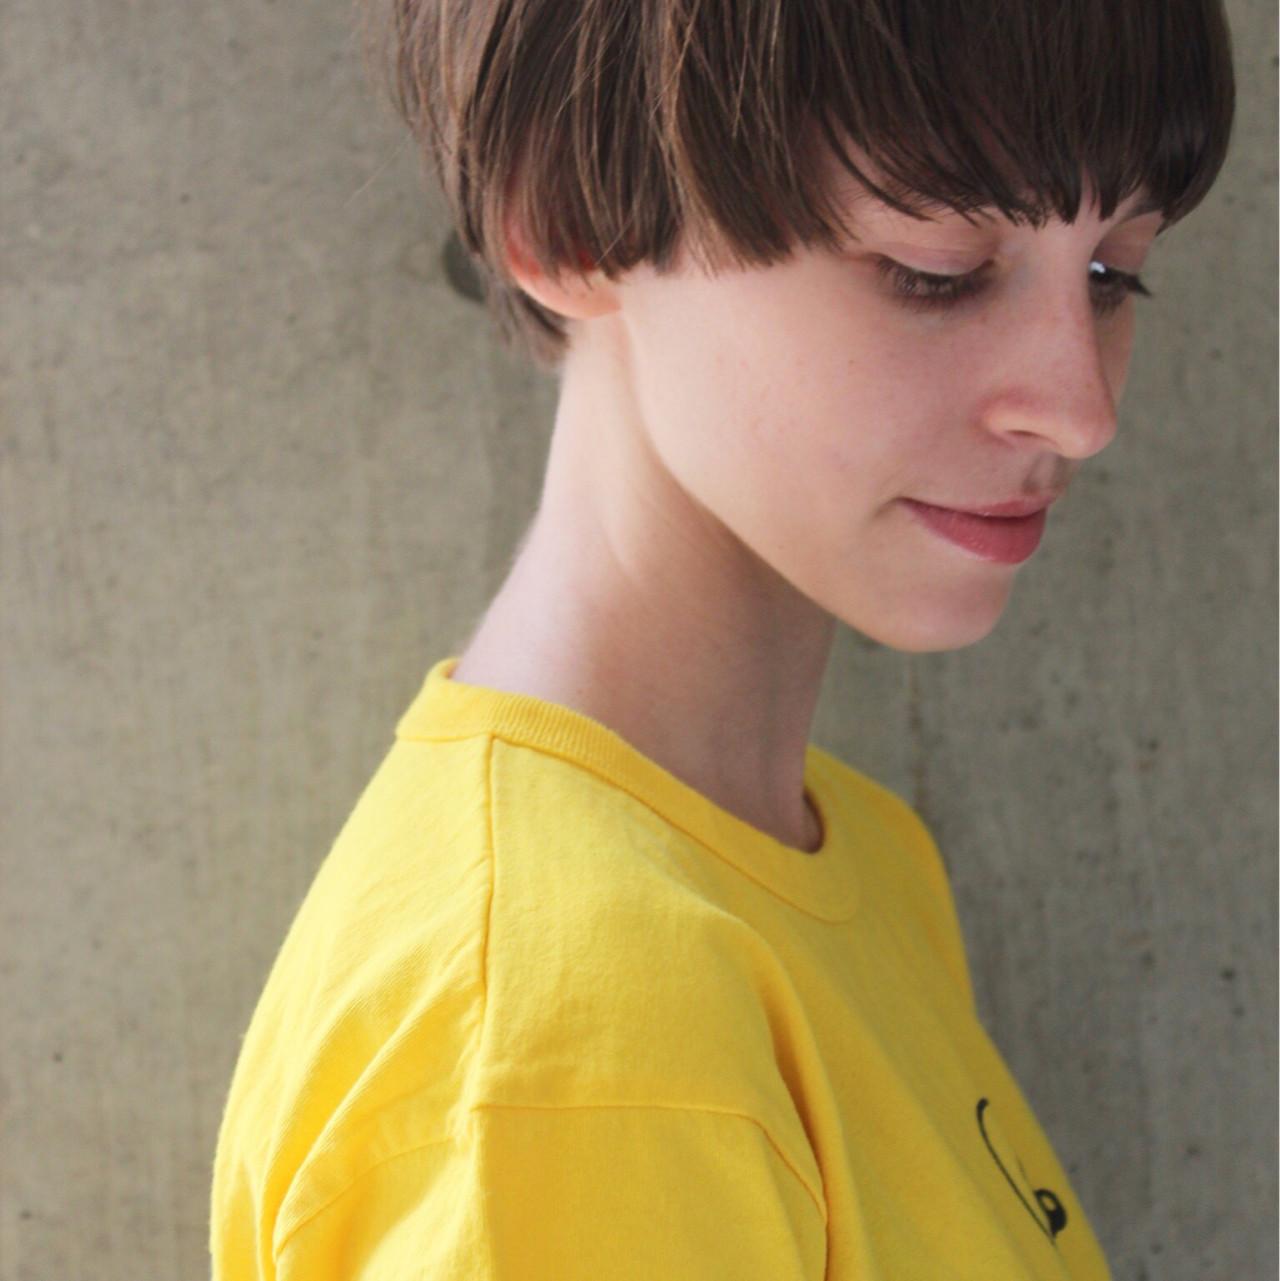 透明感 簡単ヘアアレンジ スポーツ ショート ヘアスタイルや髪型の写真・画像 | bibito crew / bibito